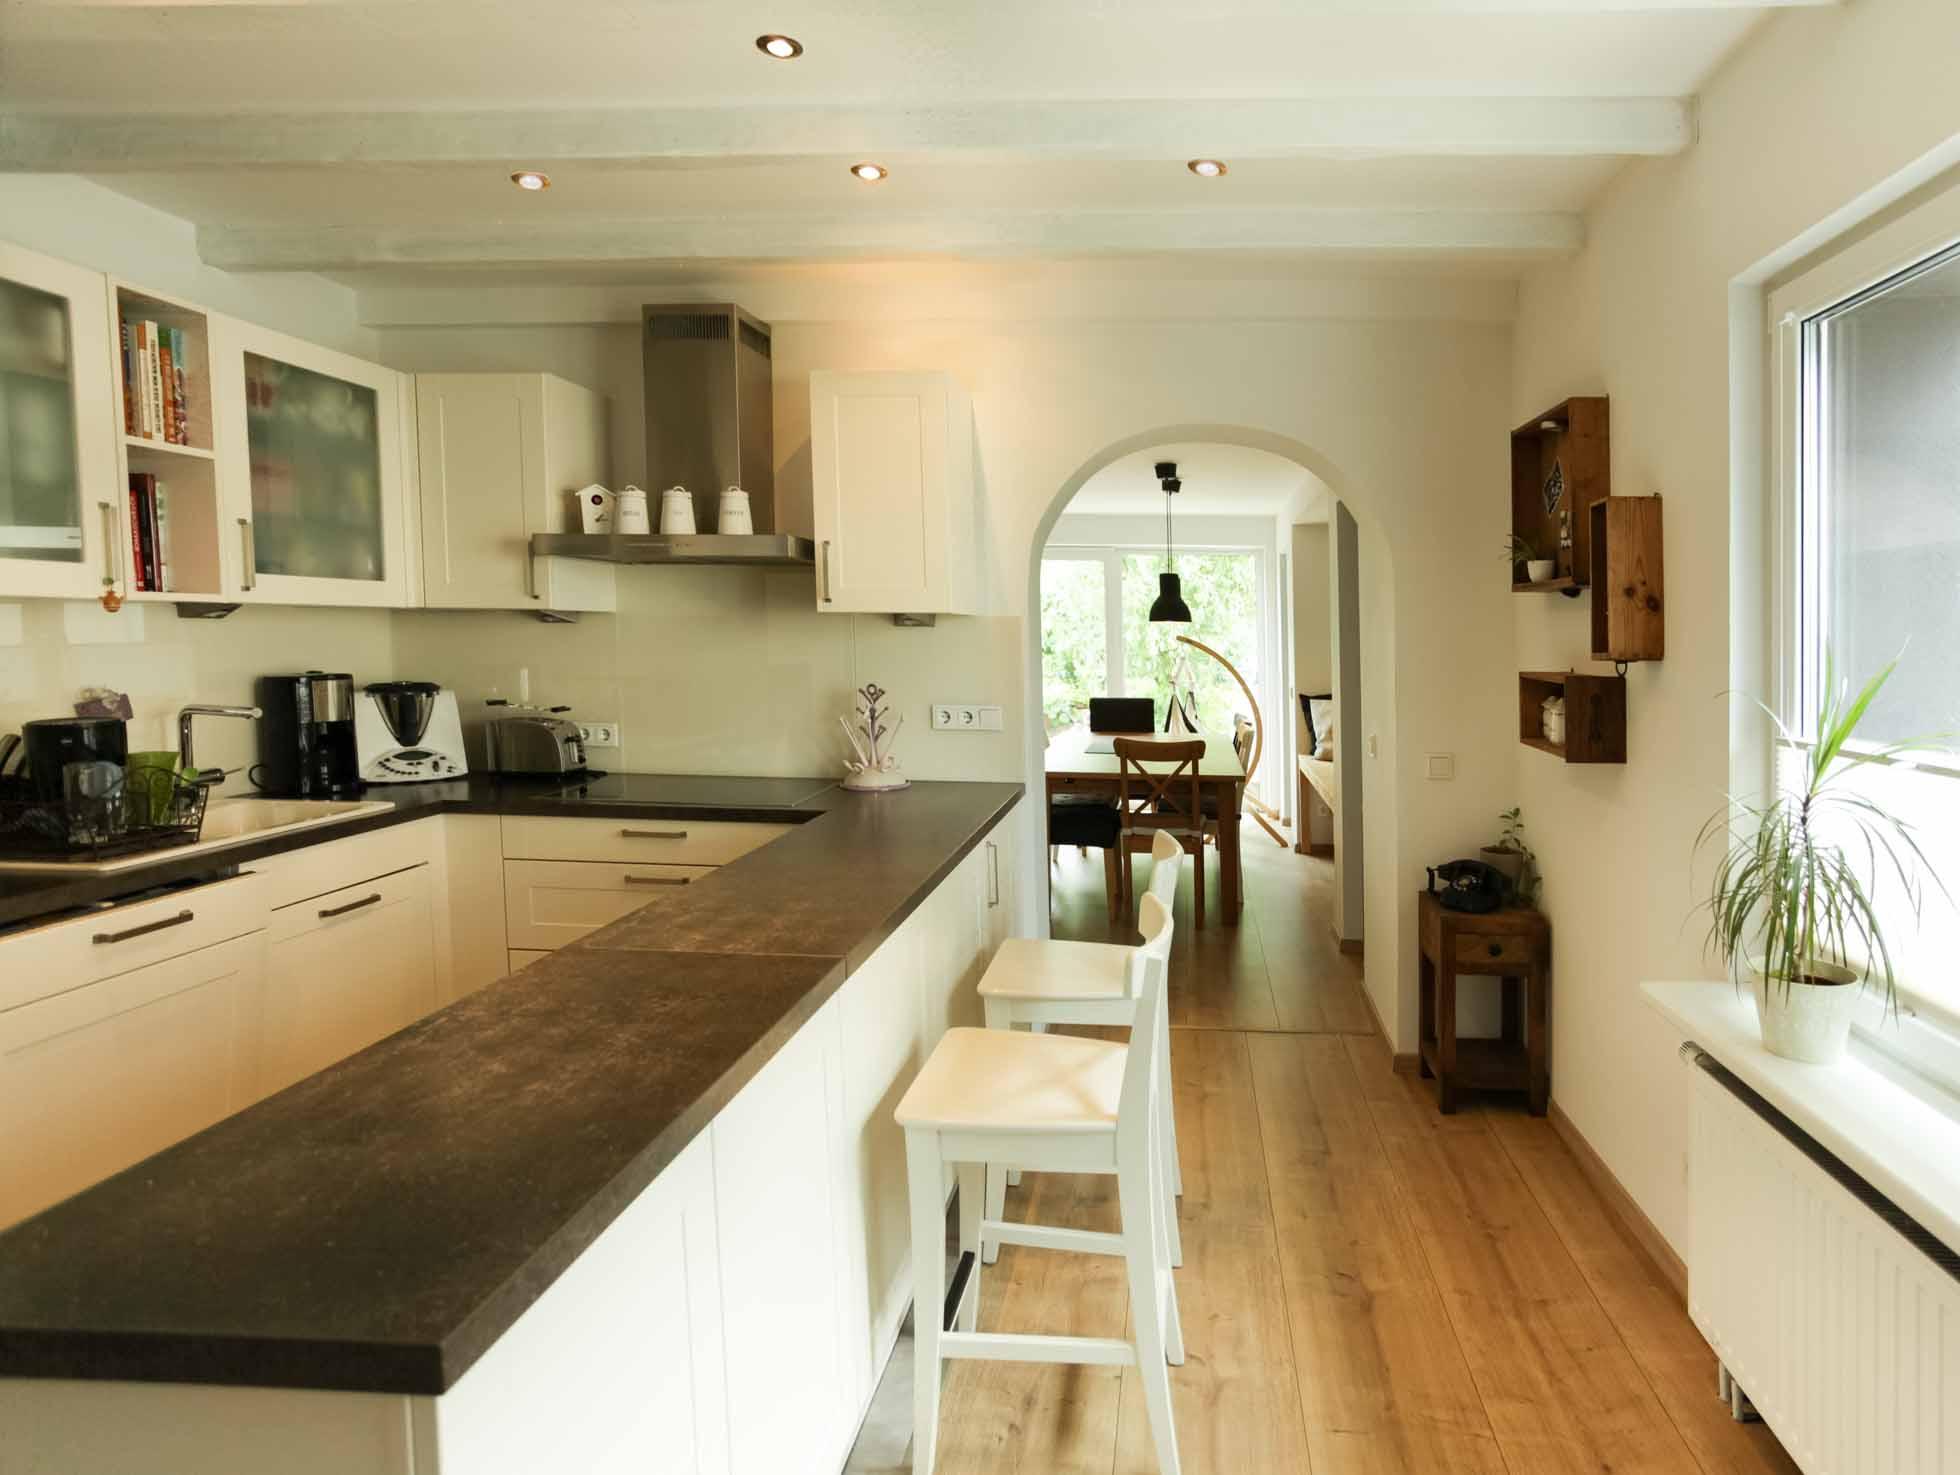 kitchen, küche, cozinha